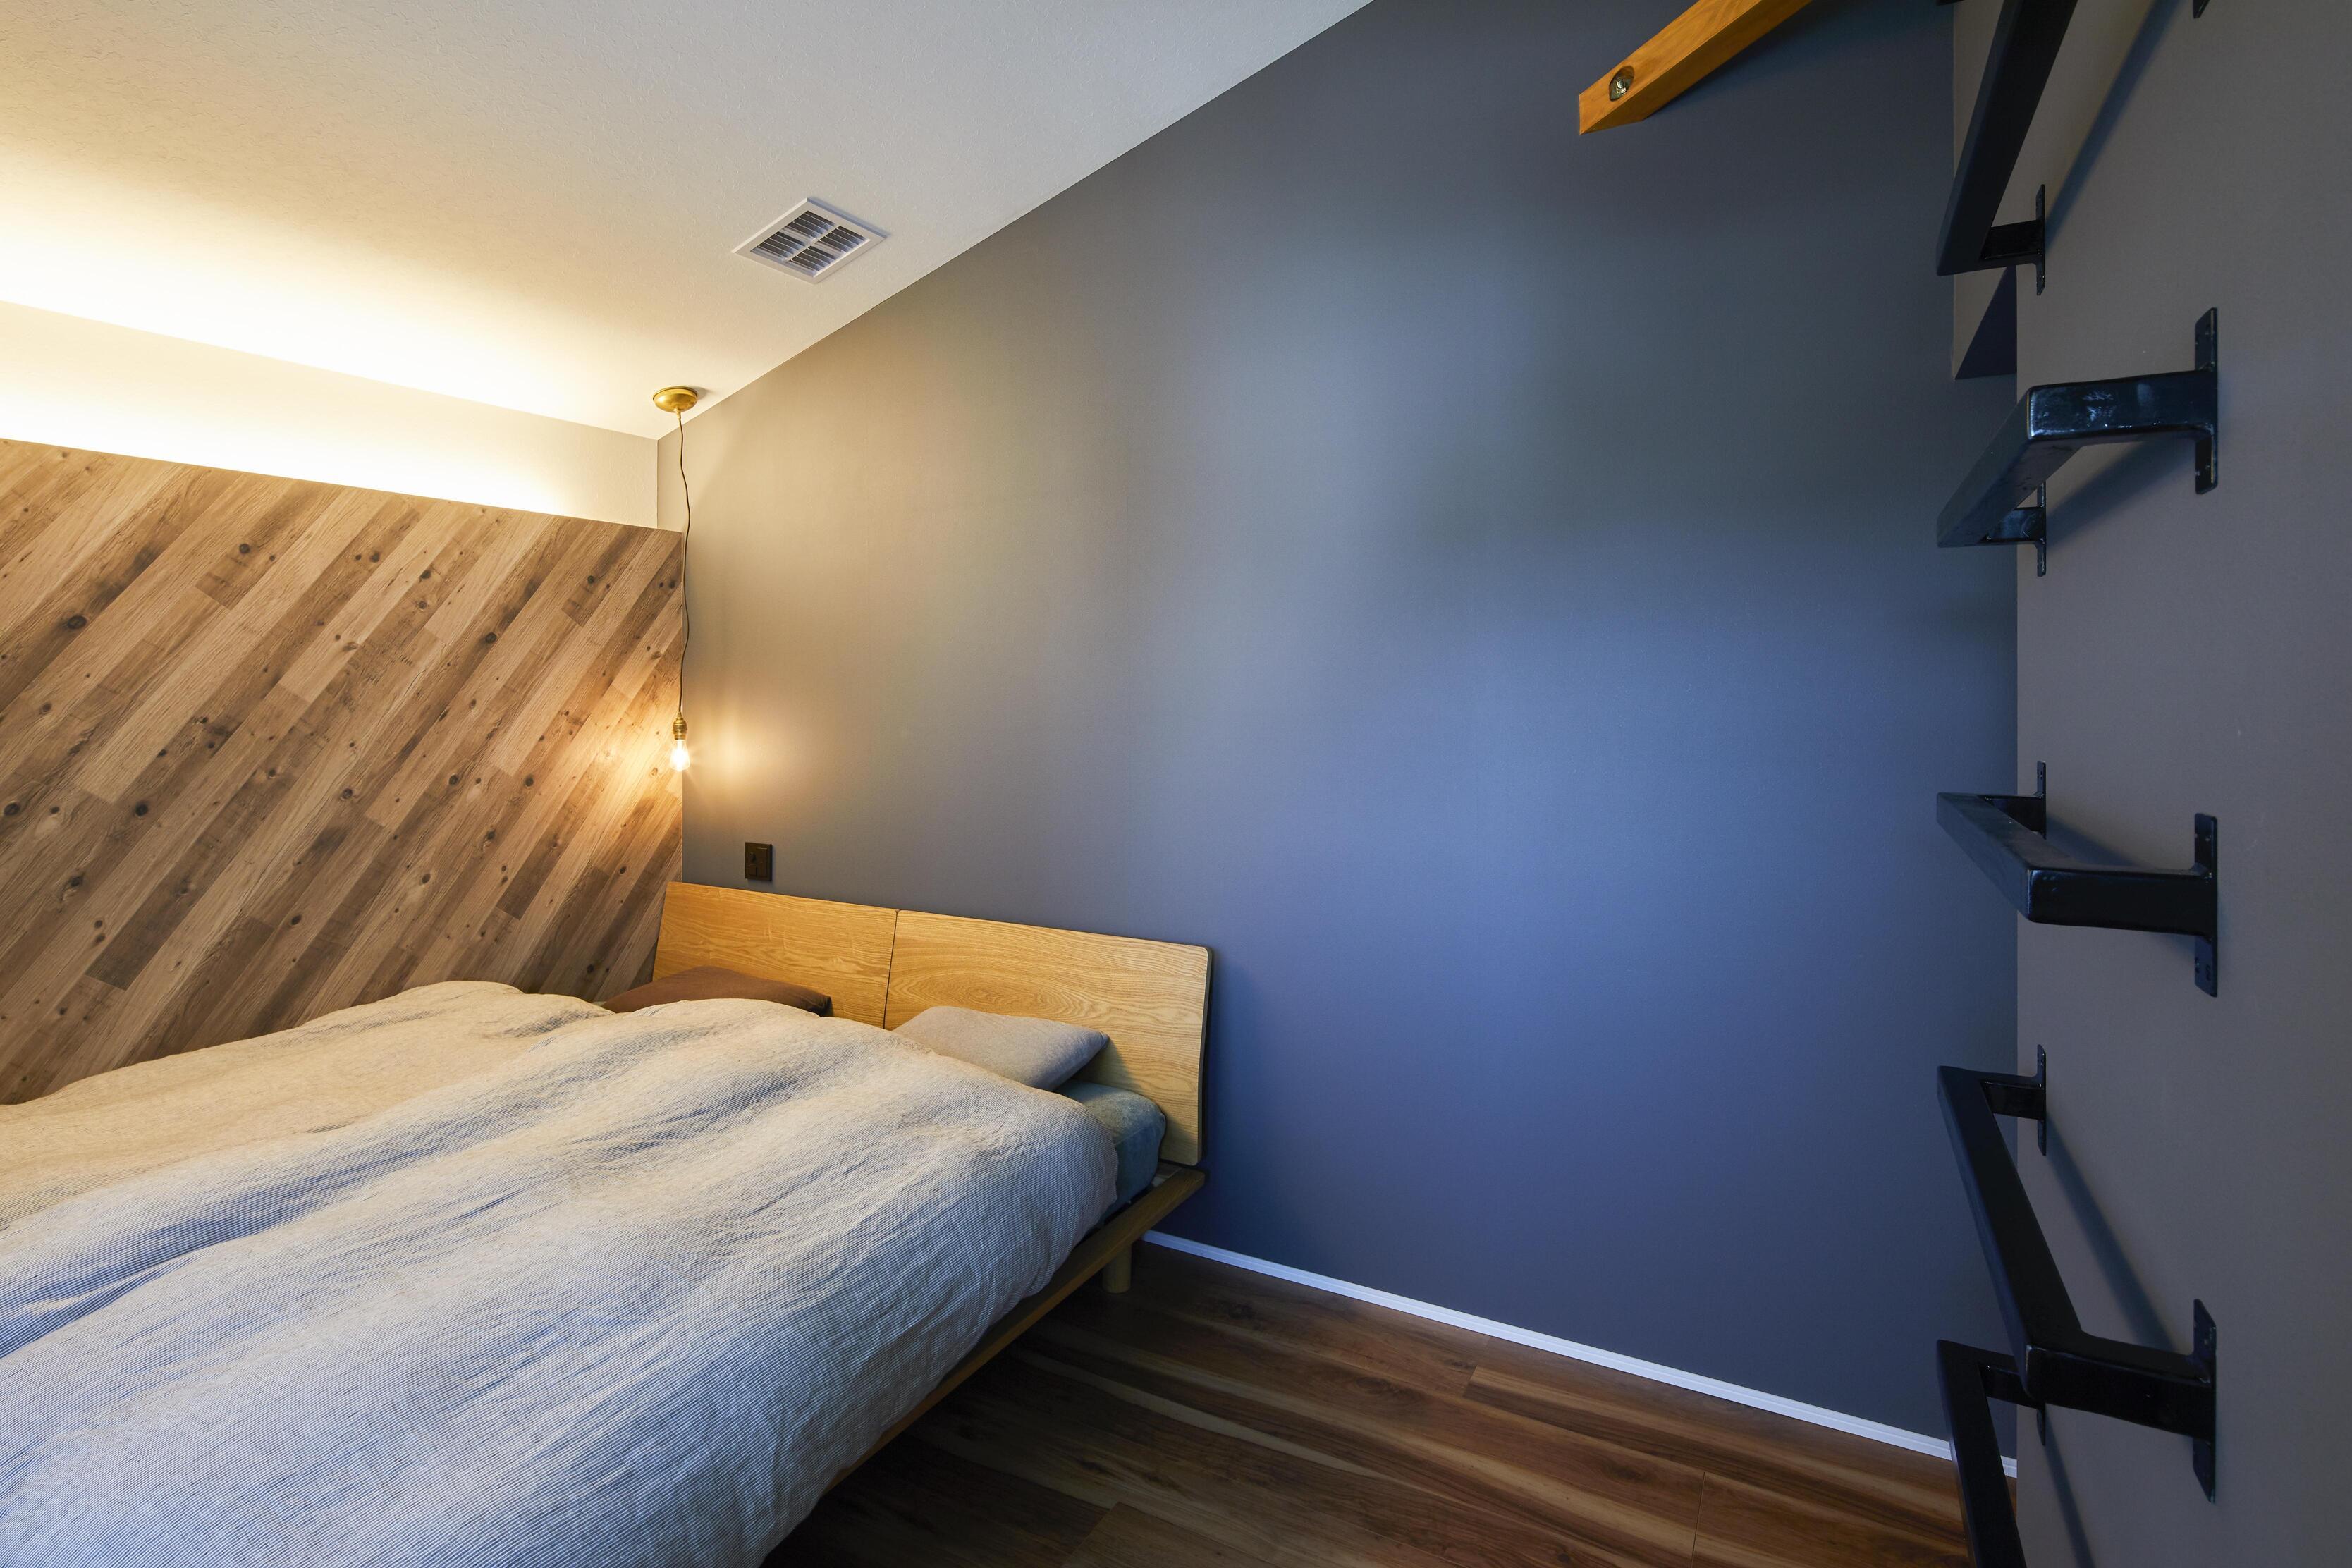 勾配天井でロフトのある寝室。ダークトーンでまとめ、間接照明で落ち着きのある空間に